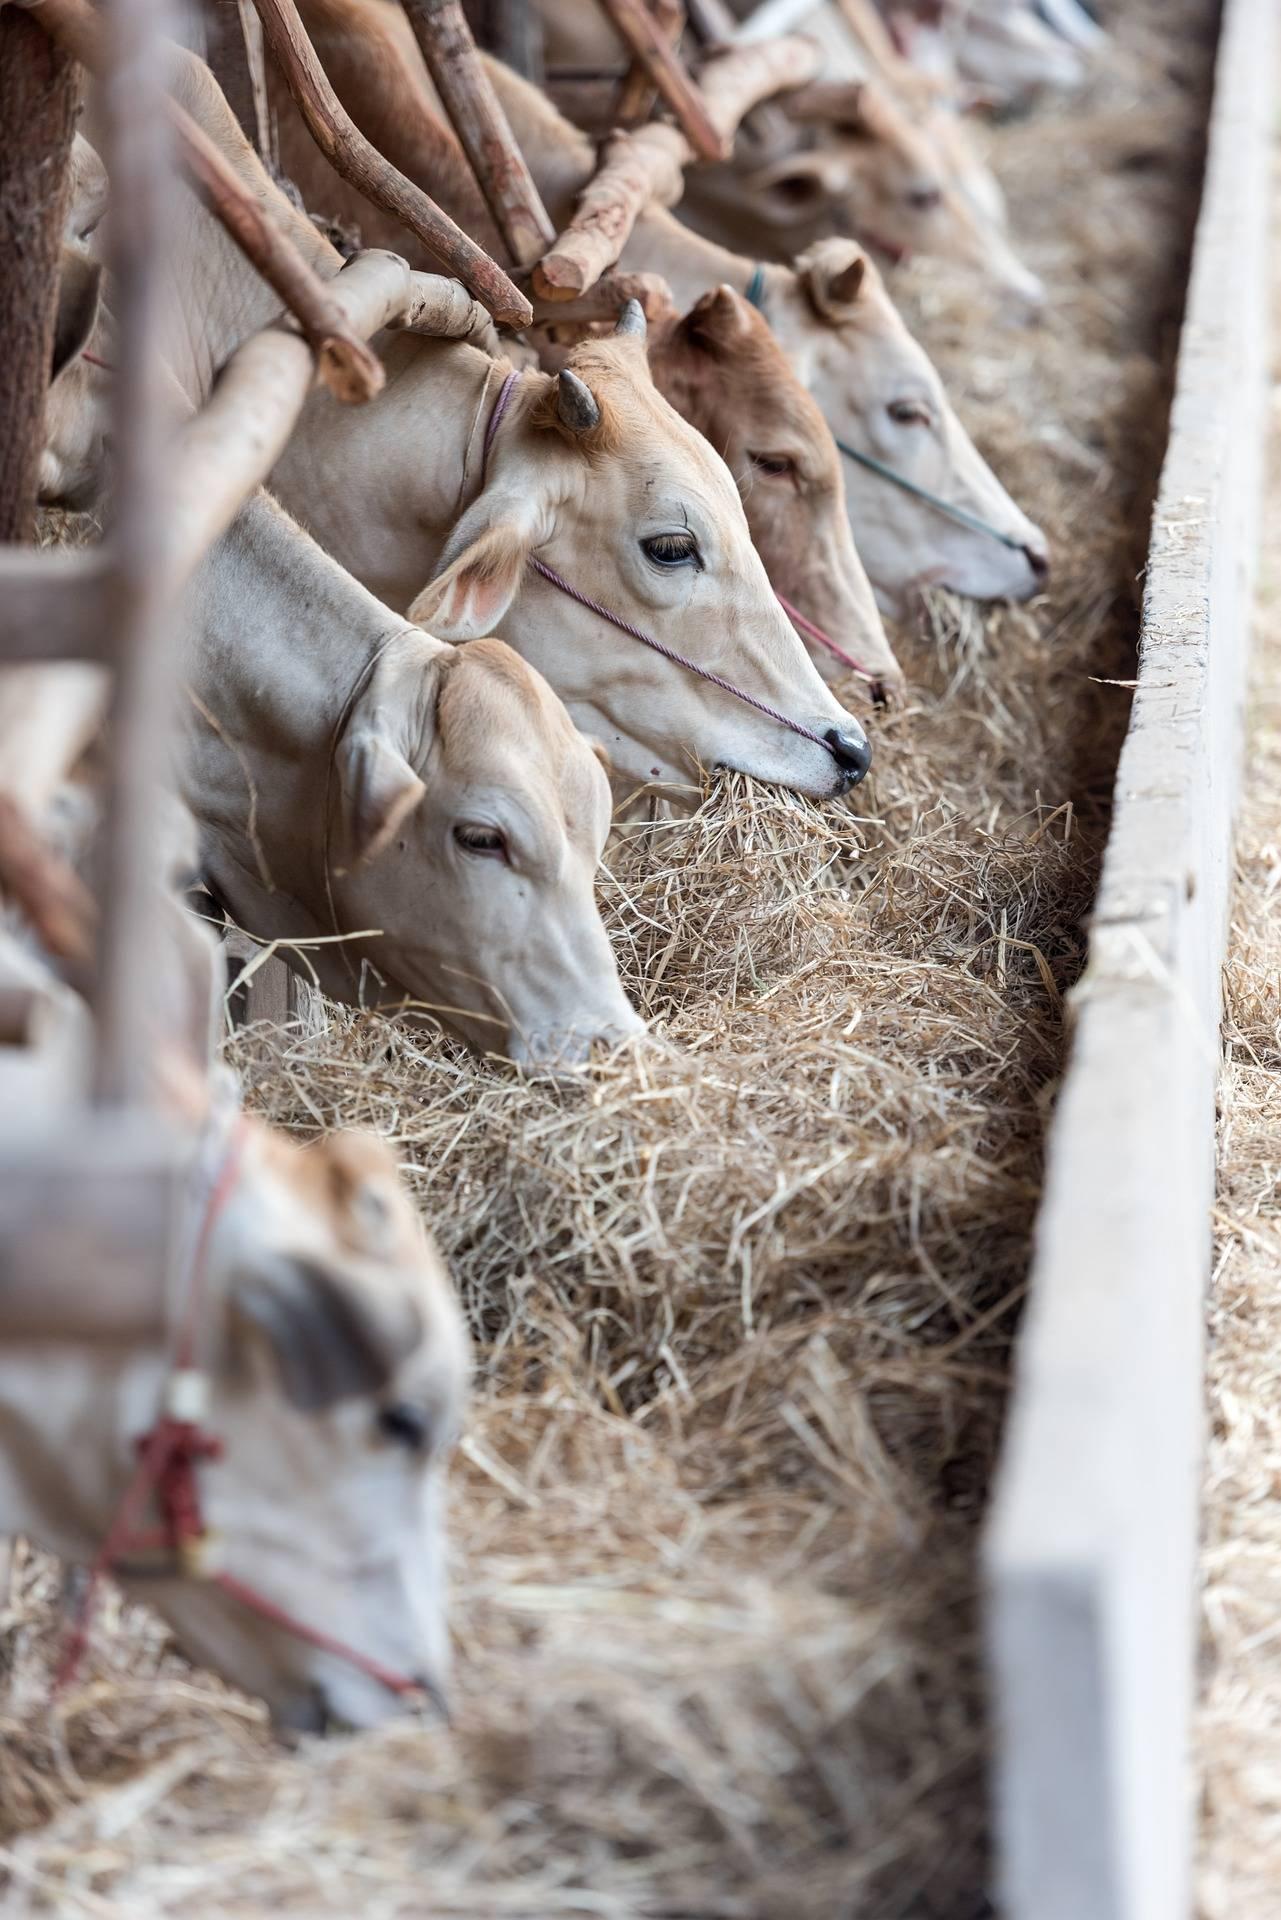 Болезни копыт у коров: описание симптомов, причин, лечения, профилактики